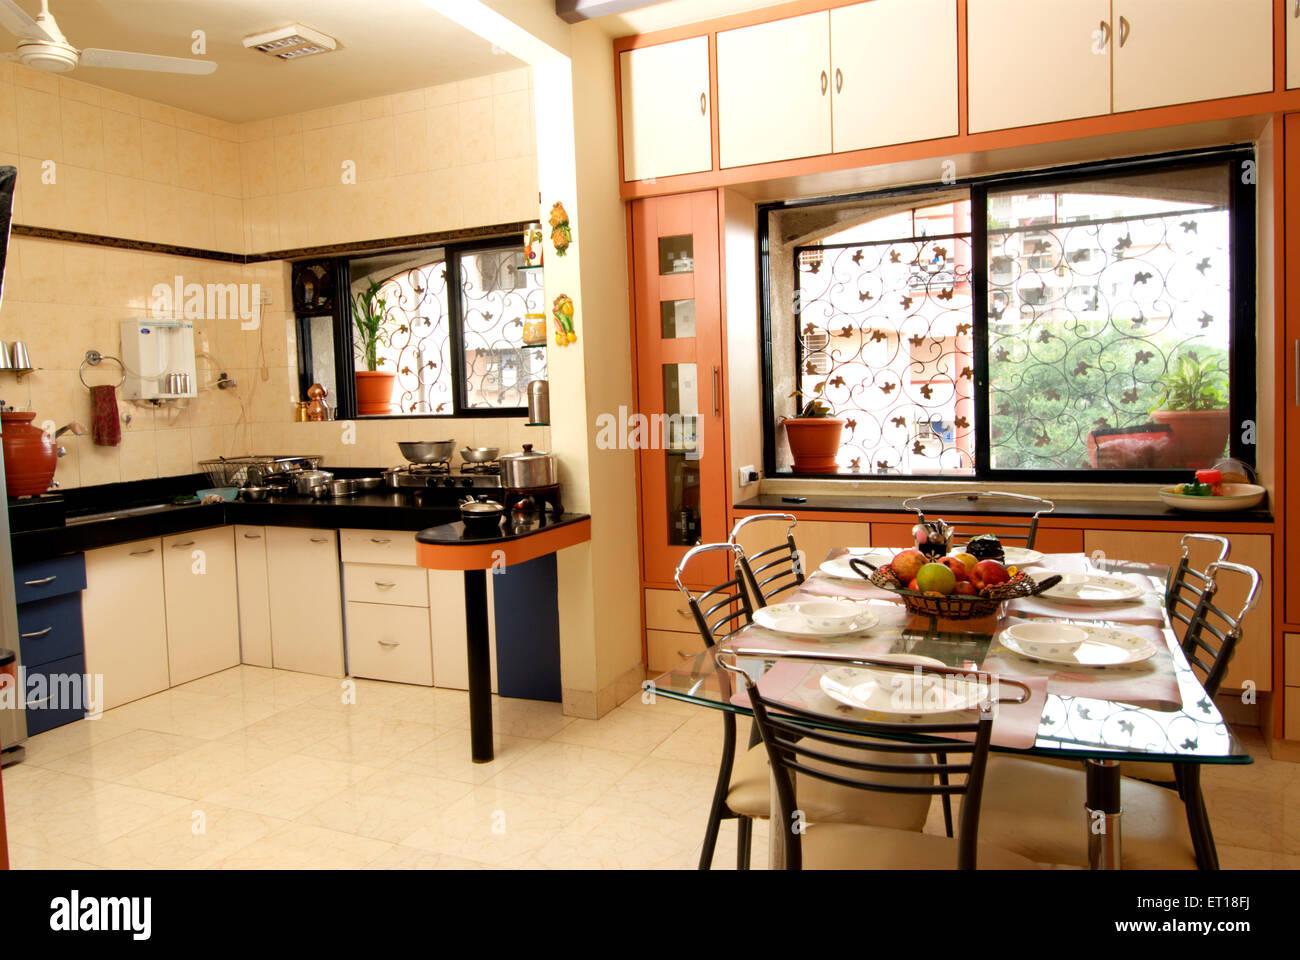 Innenraum der indischen Küche Herr #364 Stockbild